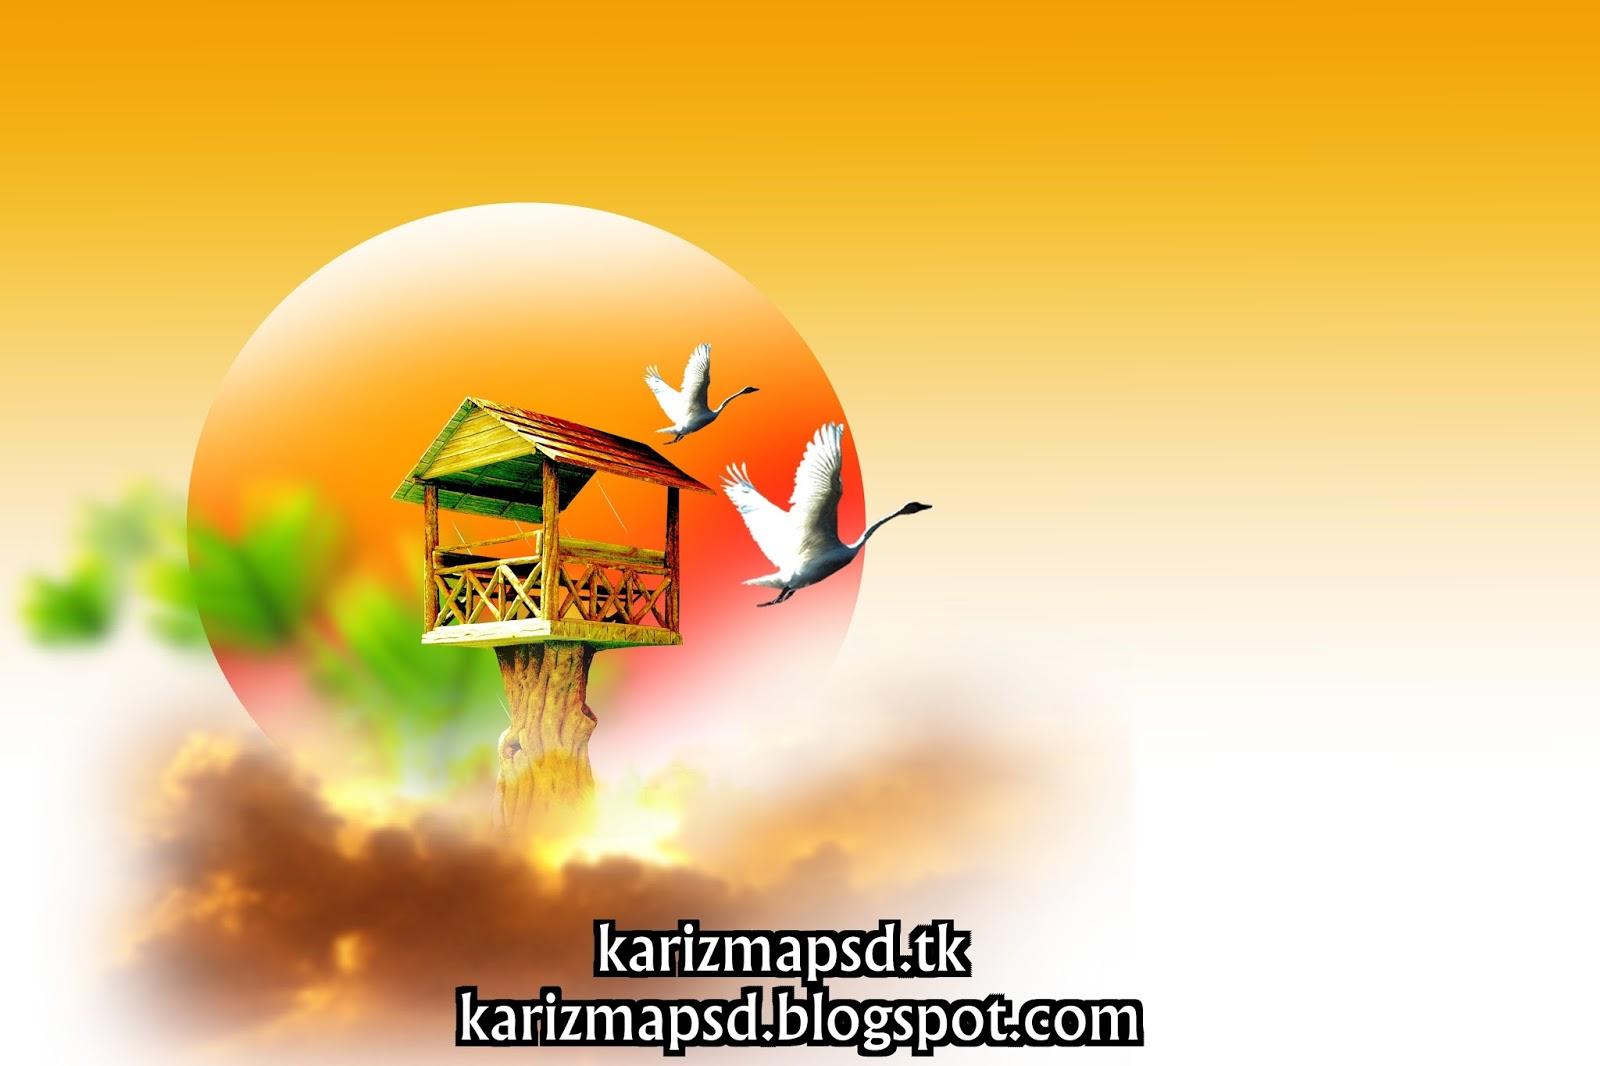 12x18 latest indian wedding album karizma photoshop templates set